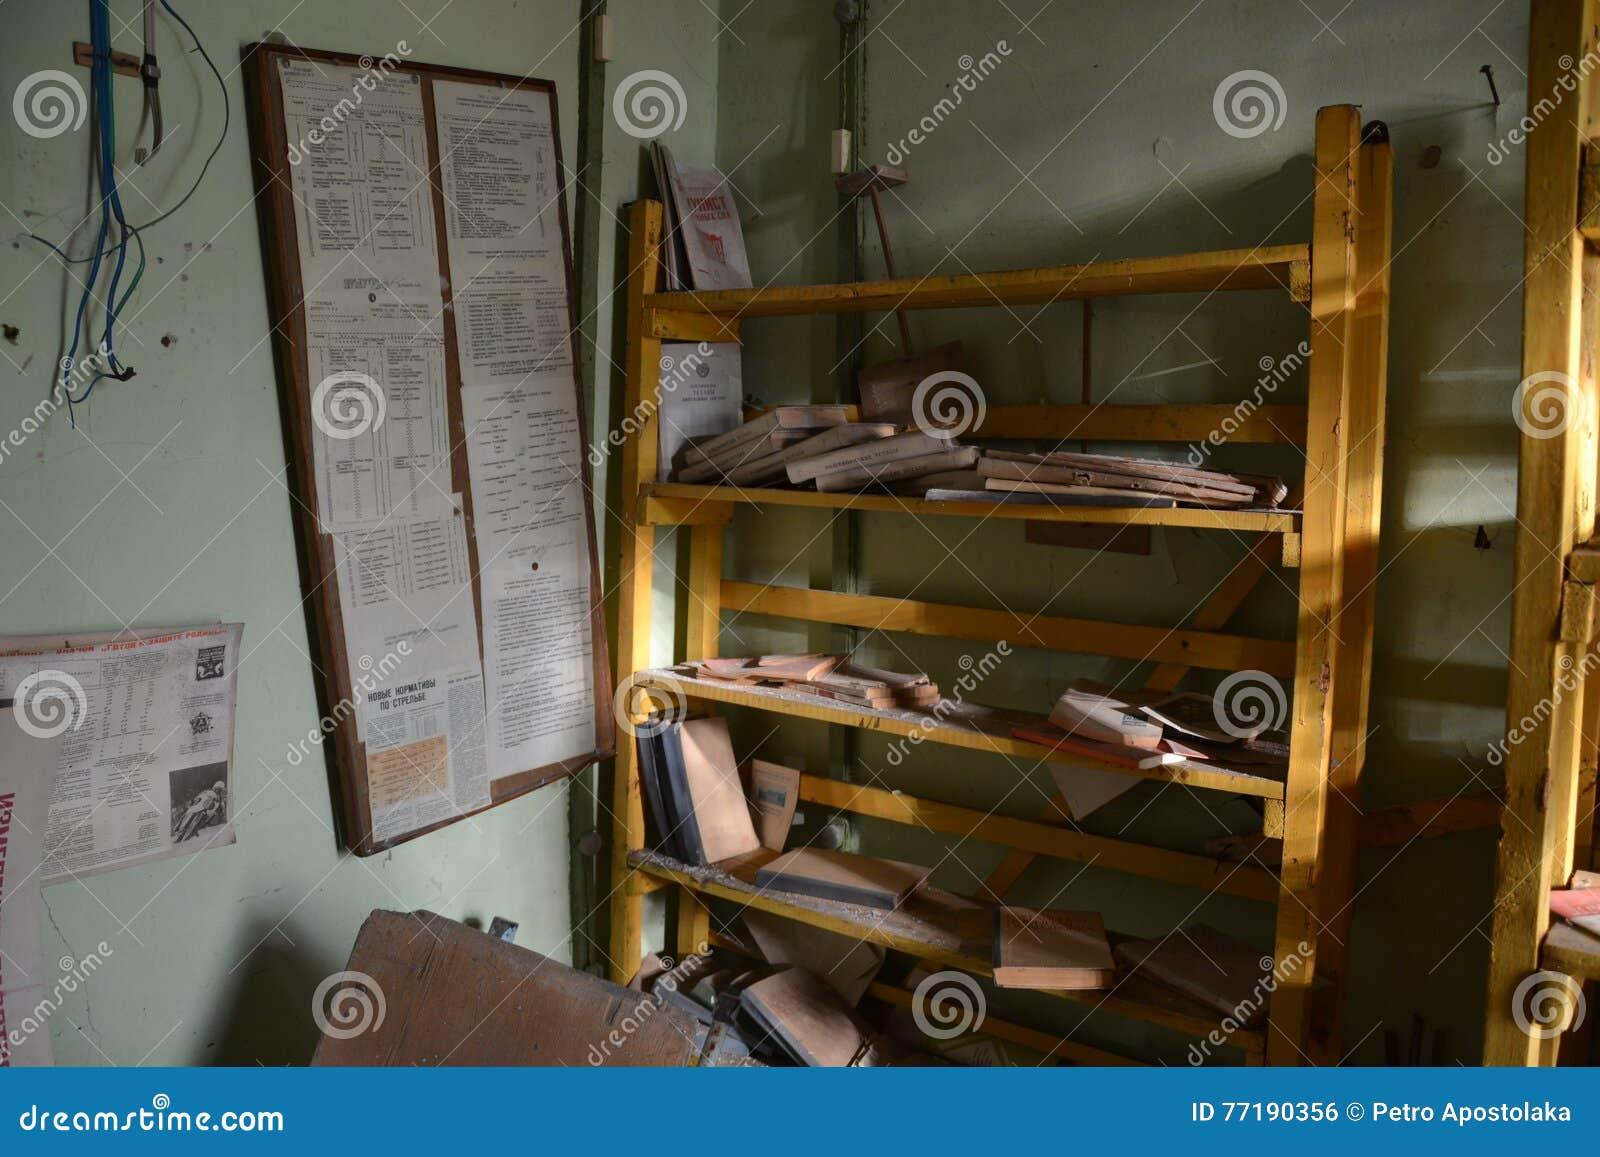 Boekenplank Met Boeken.Boekenplank Met Boeken Stock Foto Afbeelding Bestaande Uit Cooling